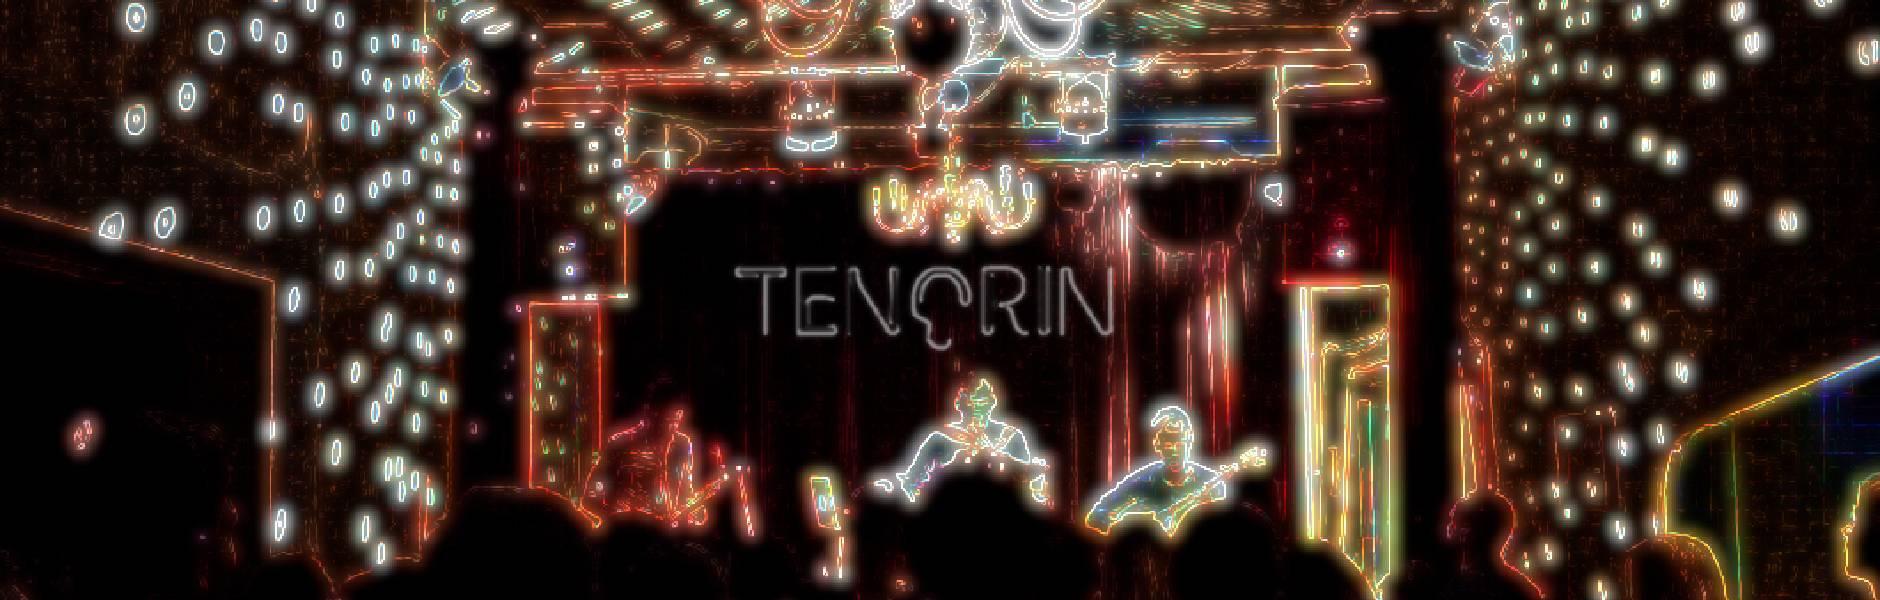 Tenorin